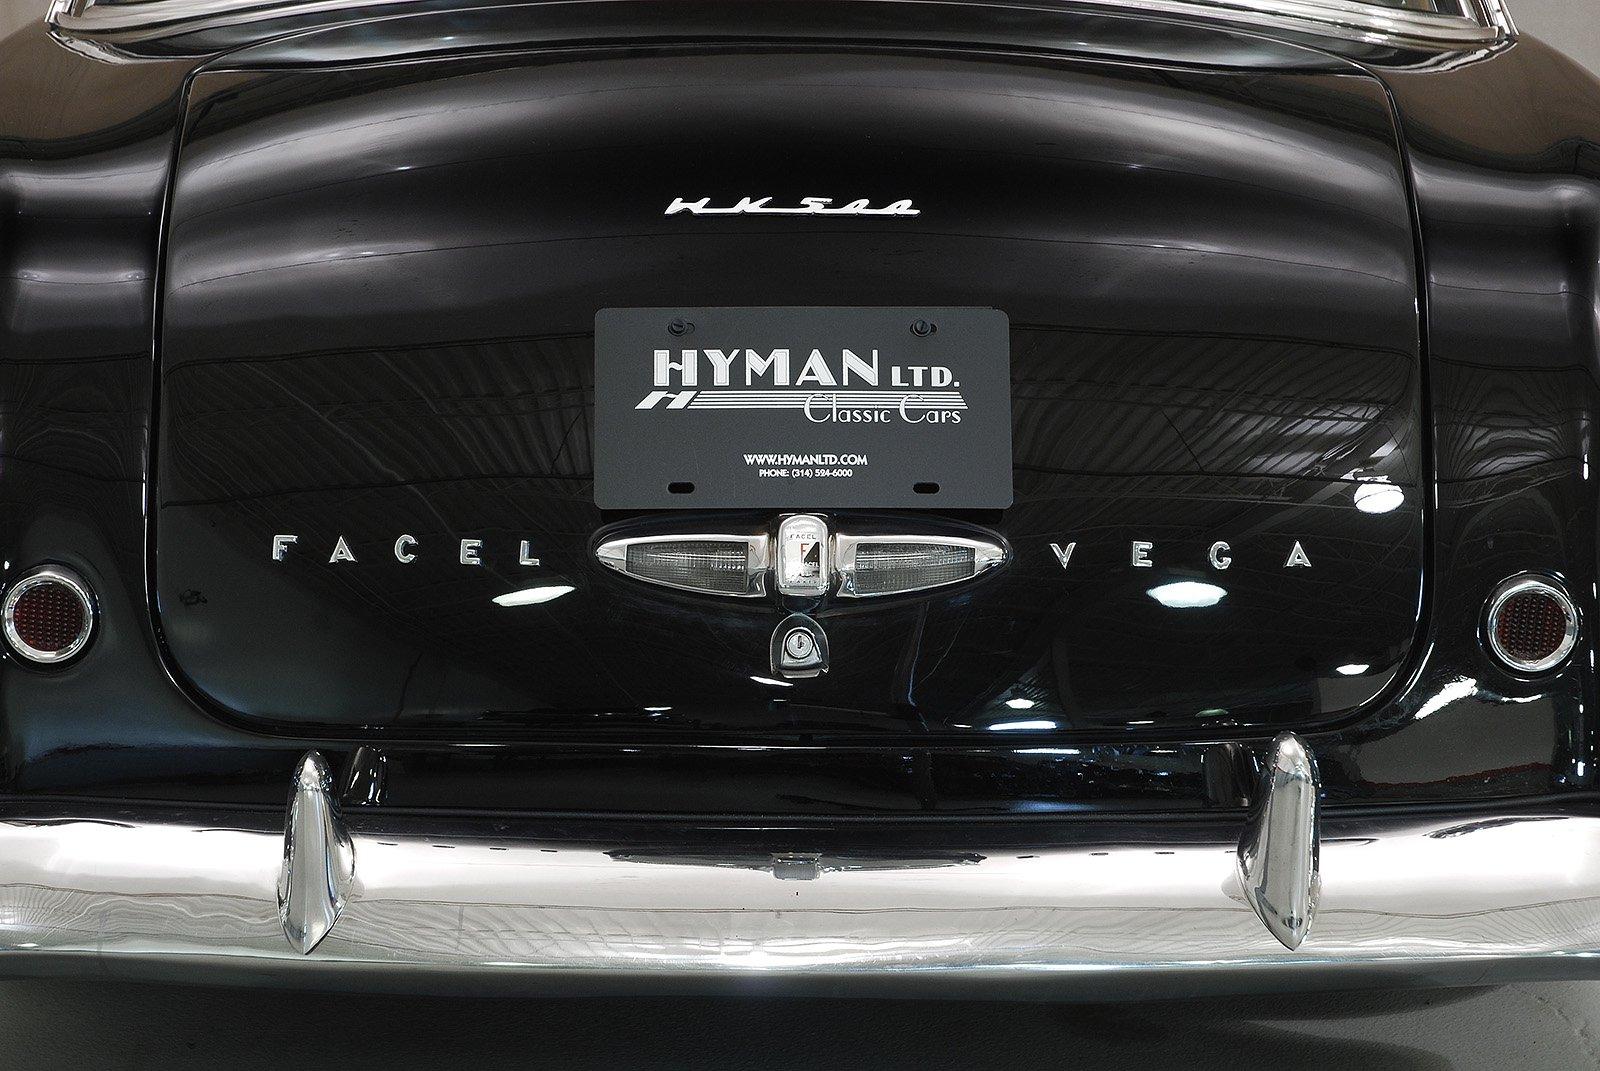 1961 Facel-Vega HK 500 Coupe | Hyman Ltd. Classic Cars